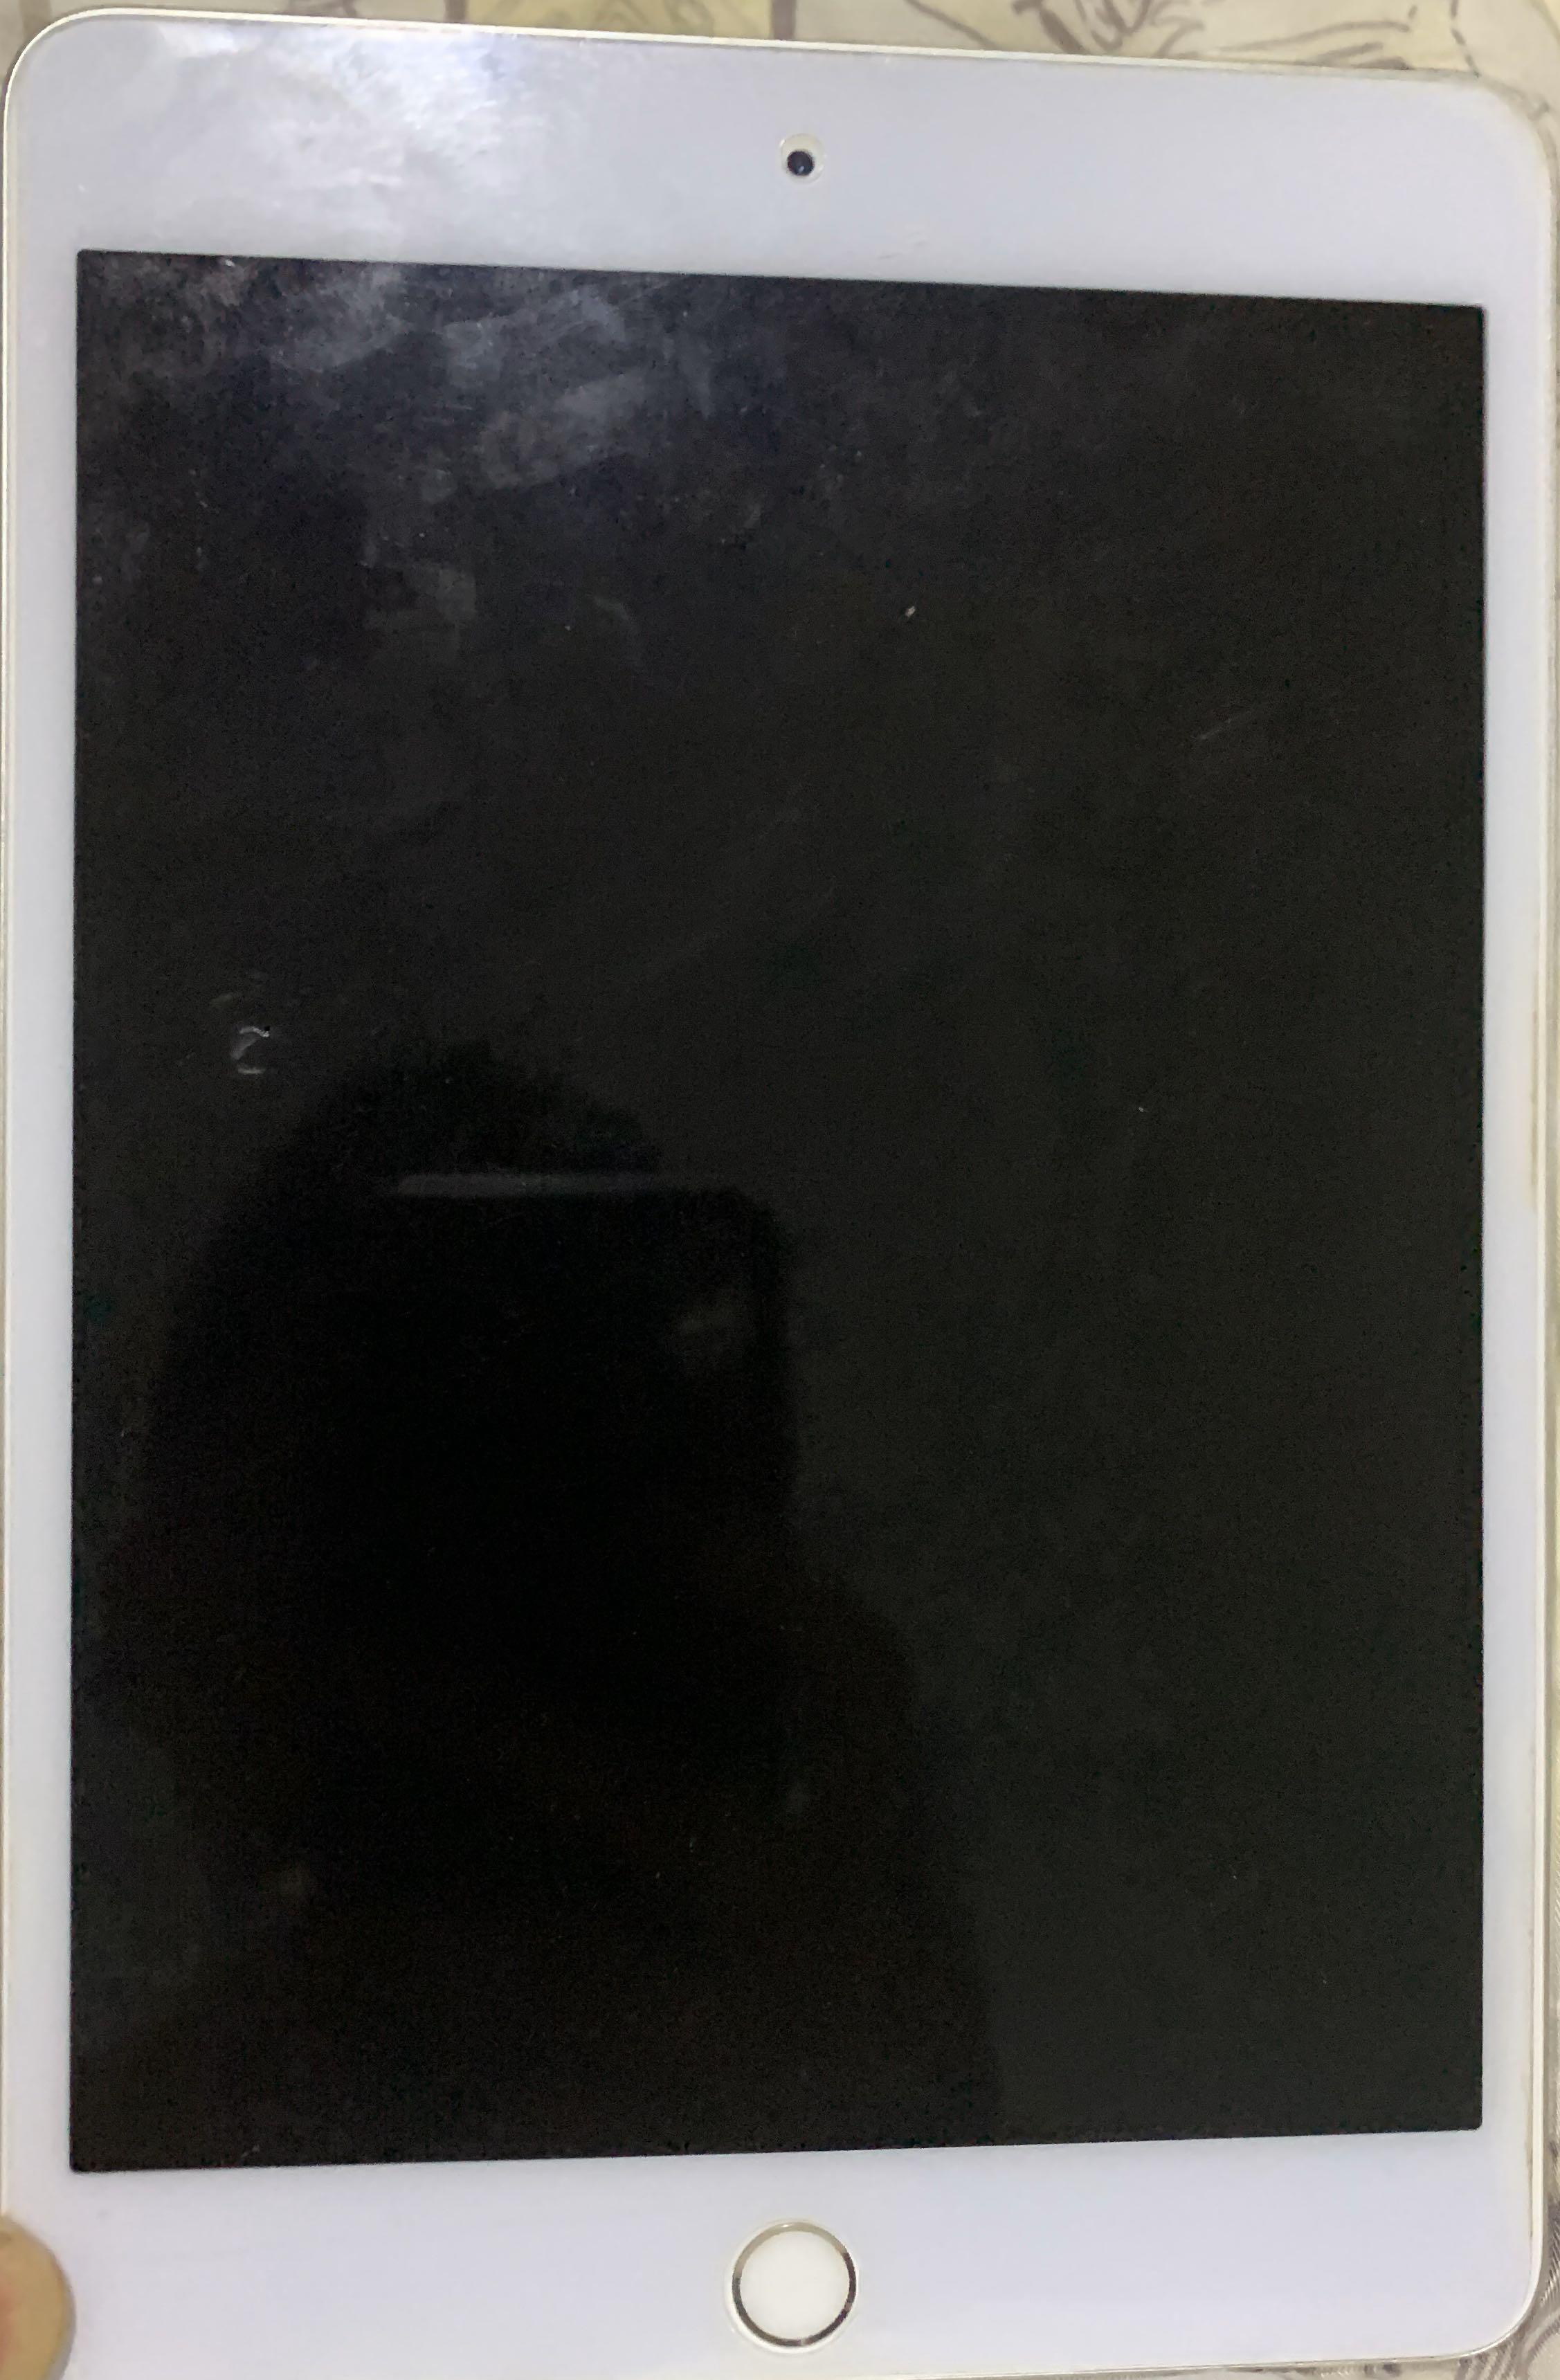 IPad mini 4 64GB silver (excellent condition) wifi